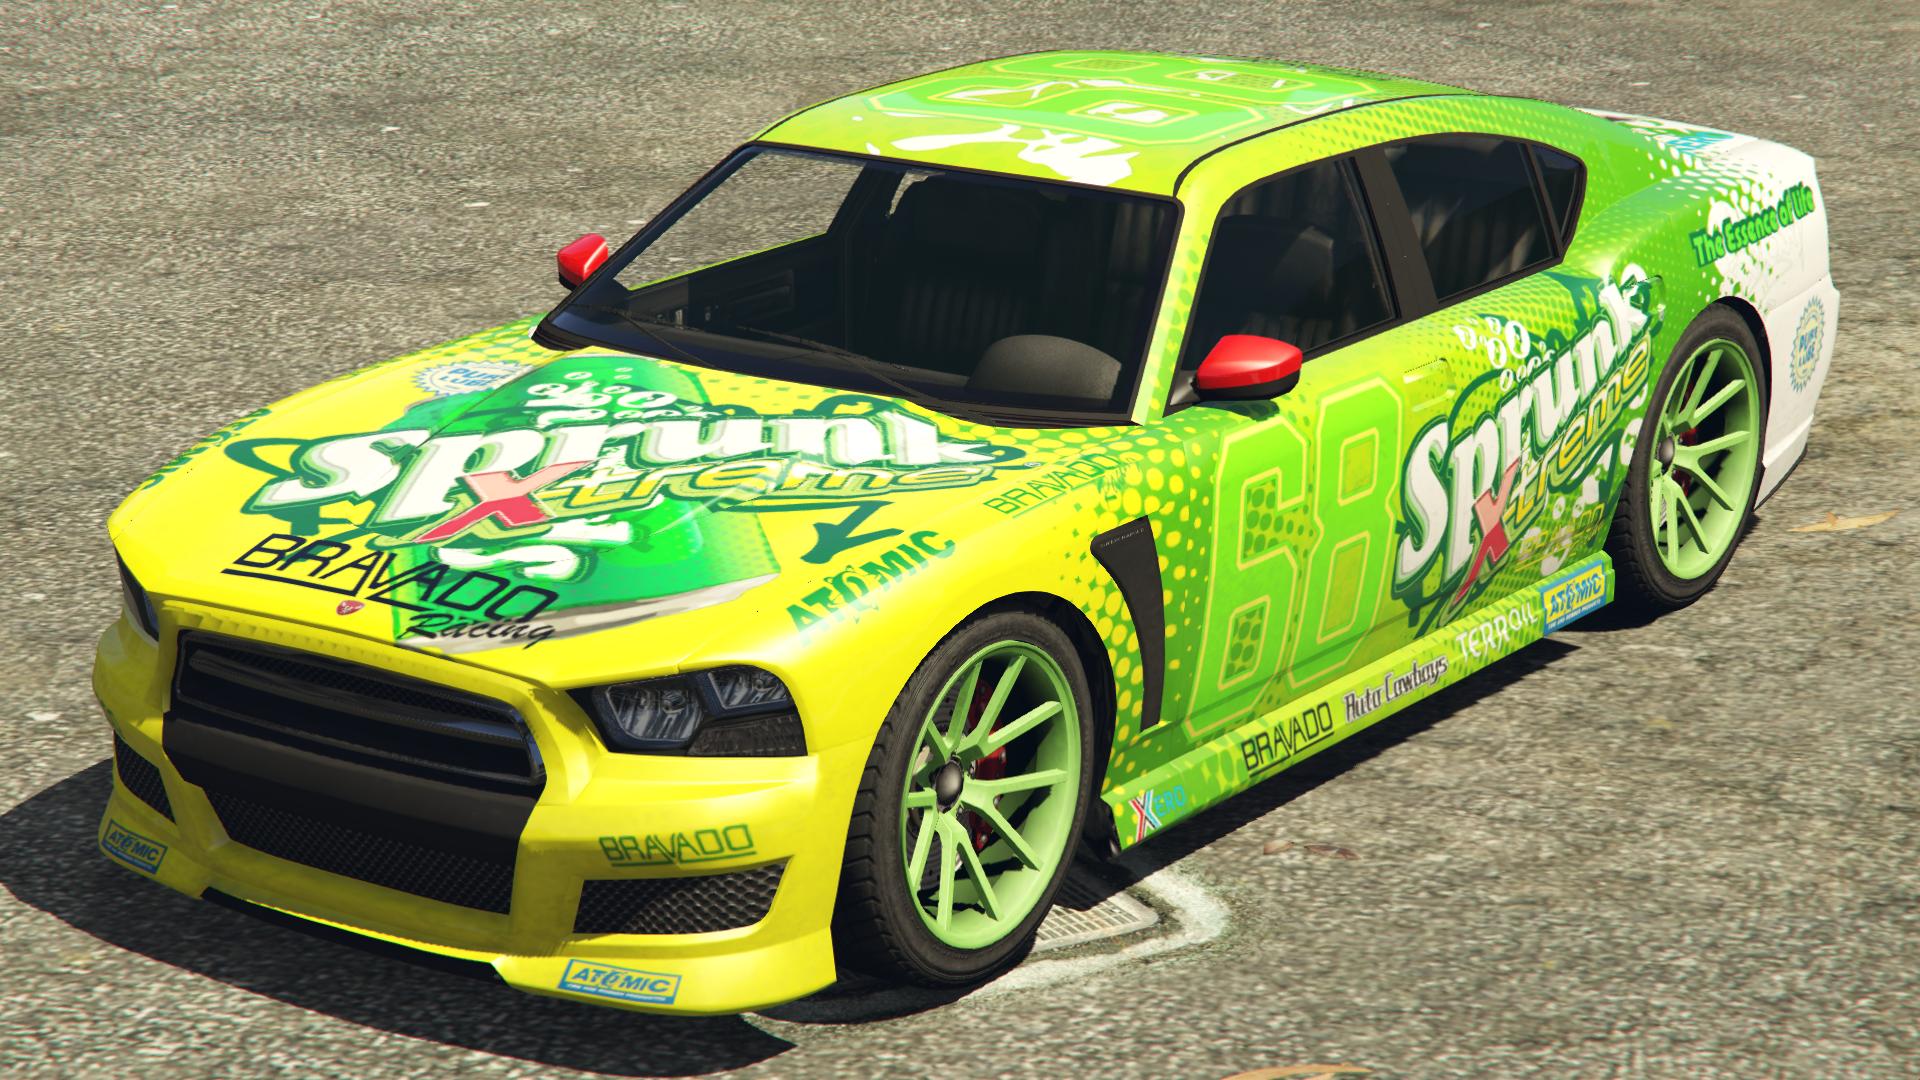 Grand Theft Auto Anime Car Paint